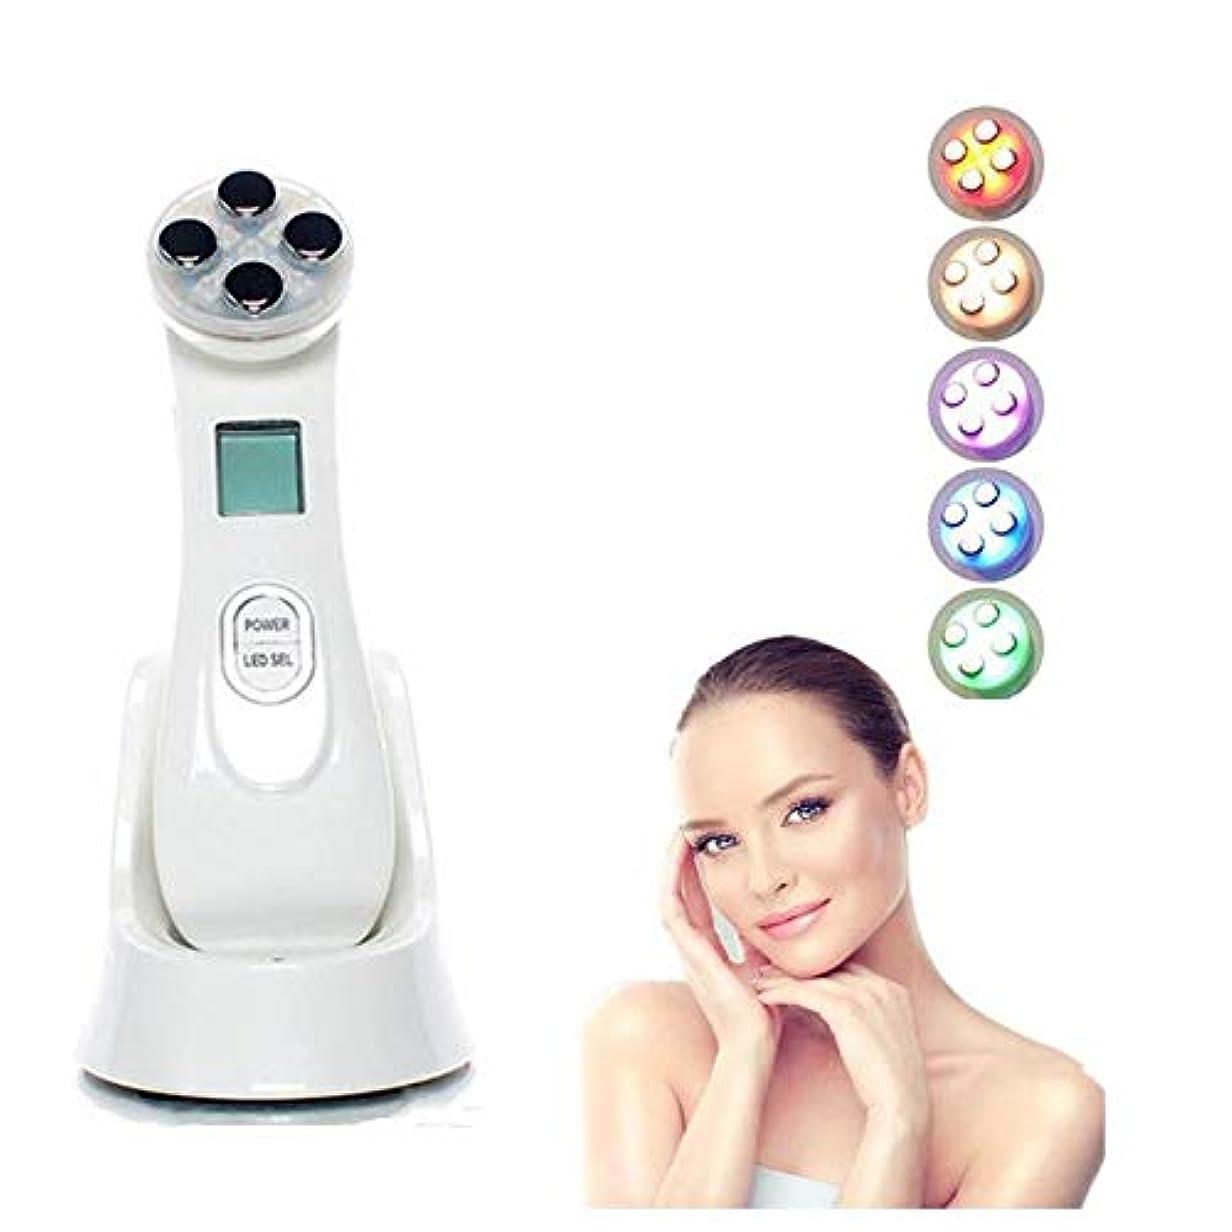 記憶に残る混乱担当者しわの美白肌の若返りホームスキンケア美容機器フェイシャルマシンと5 in 1赤色LED光線療法と6モード